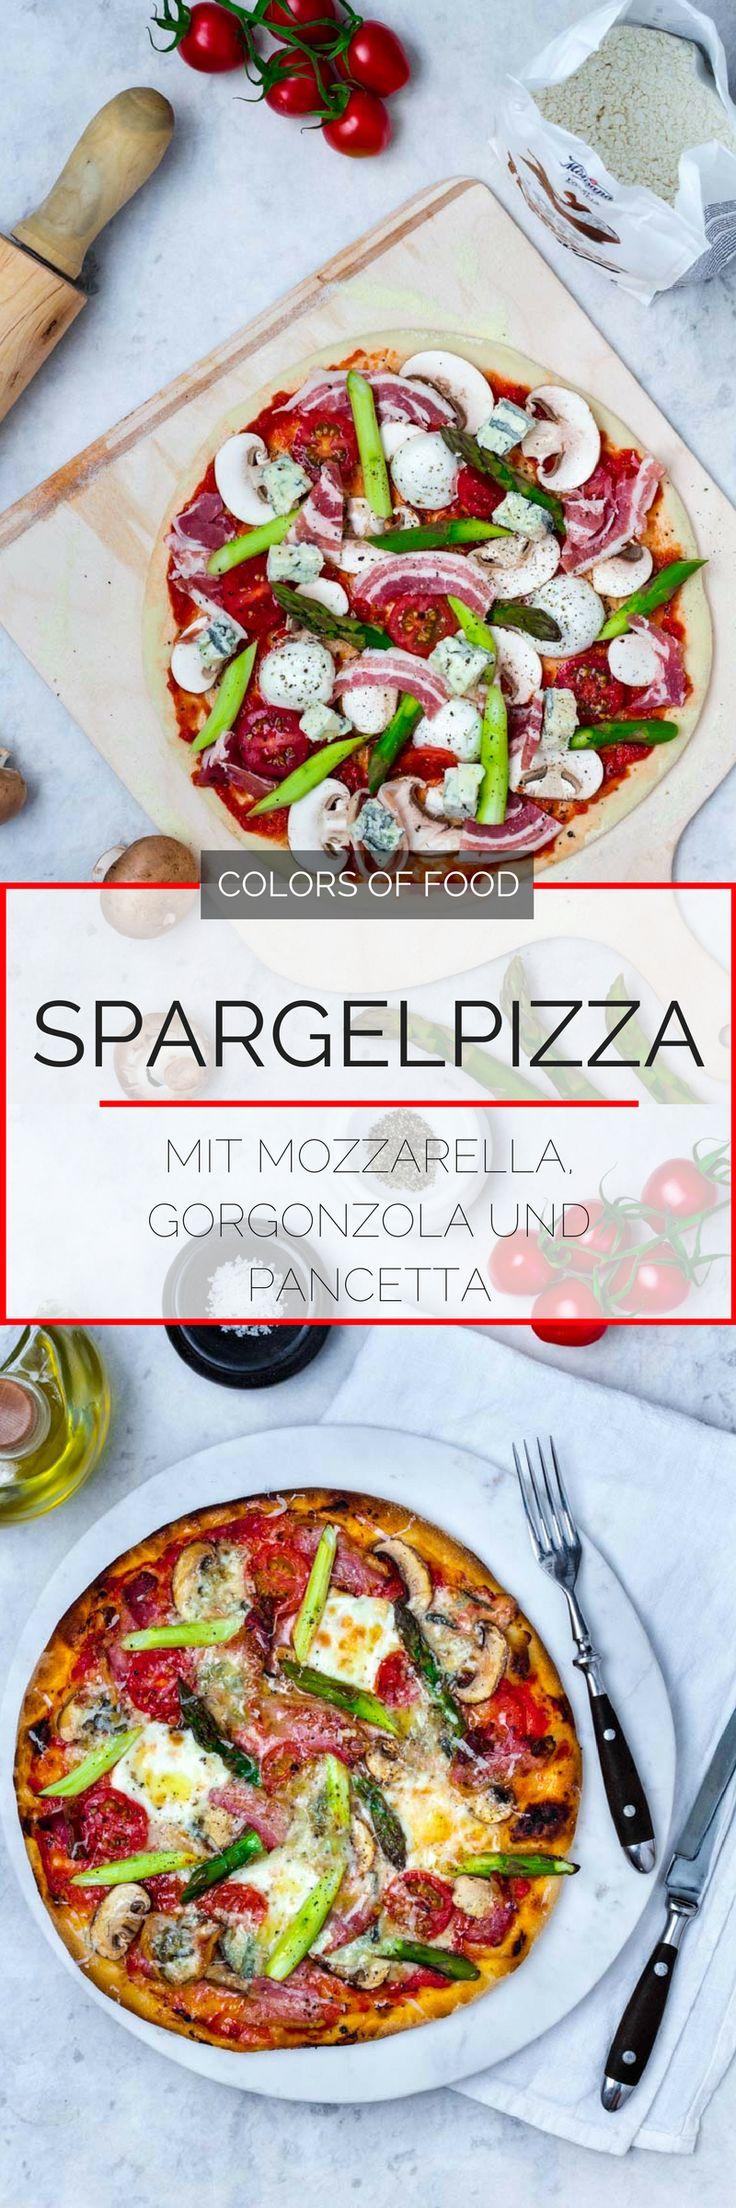 Verwandle deine Küche in eine italienische Pizzastube! Das Rezept für eine würzige Spargelpizza mit einer extra Portion Käse und Pancetta findest du hier.